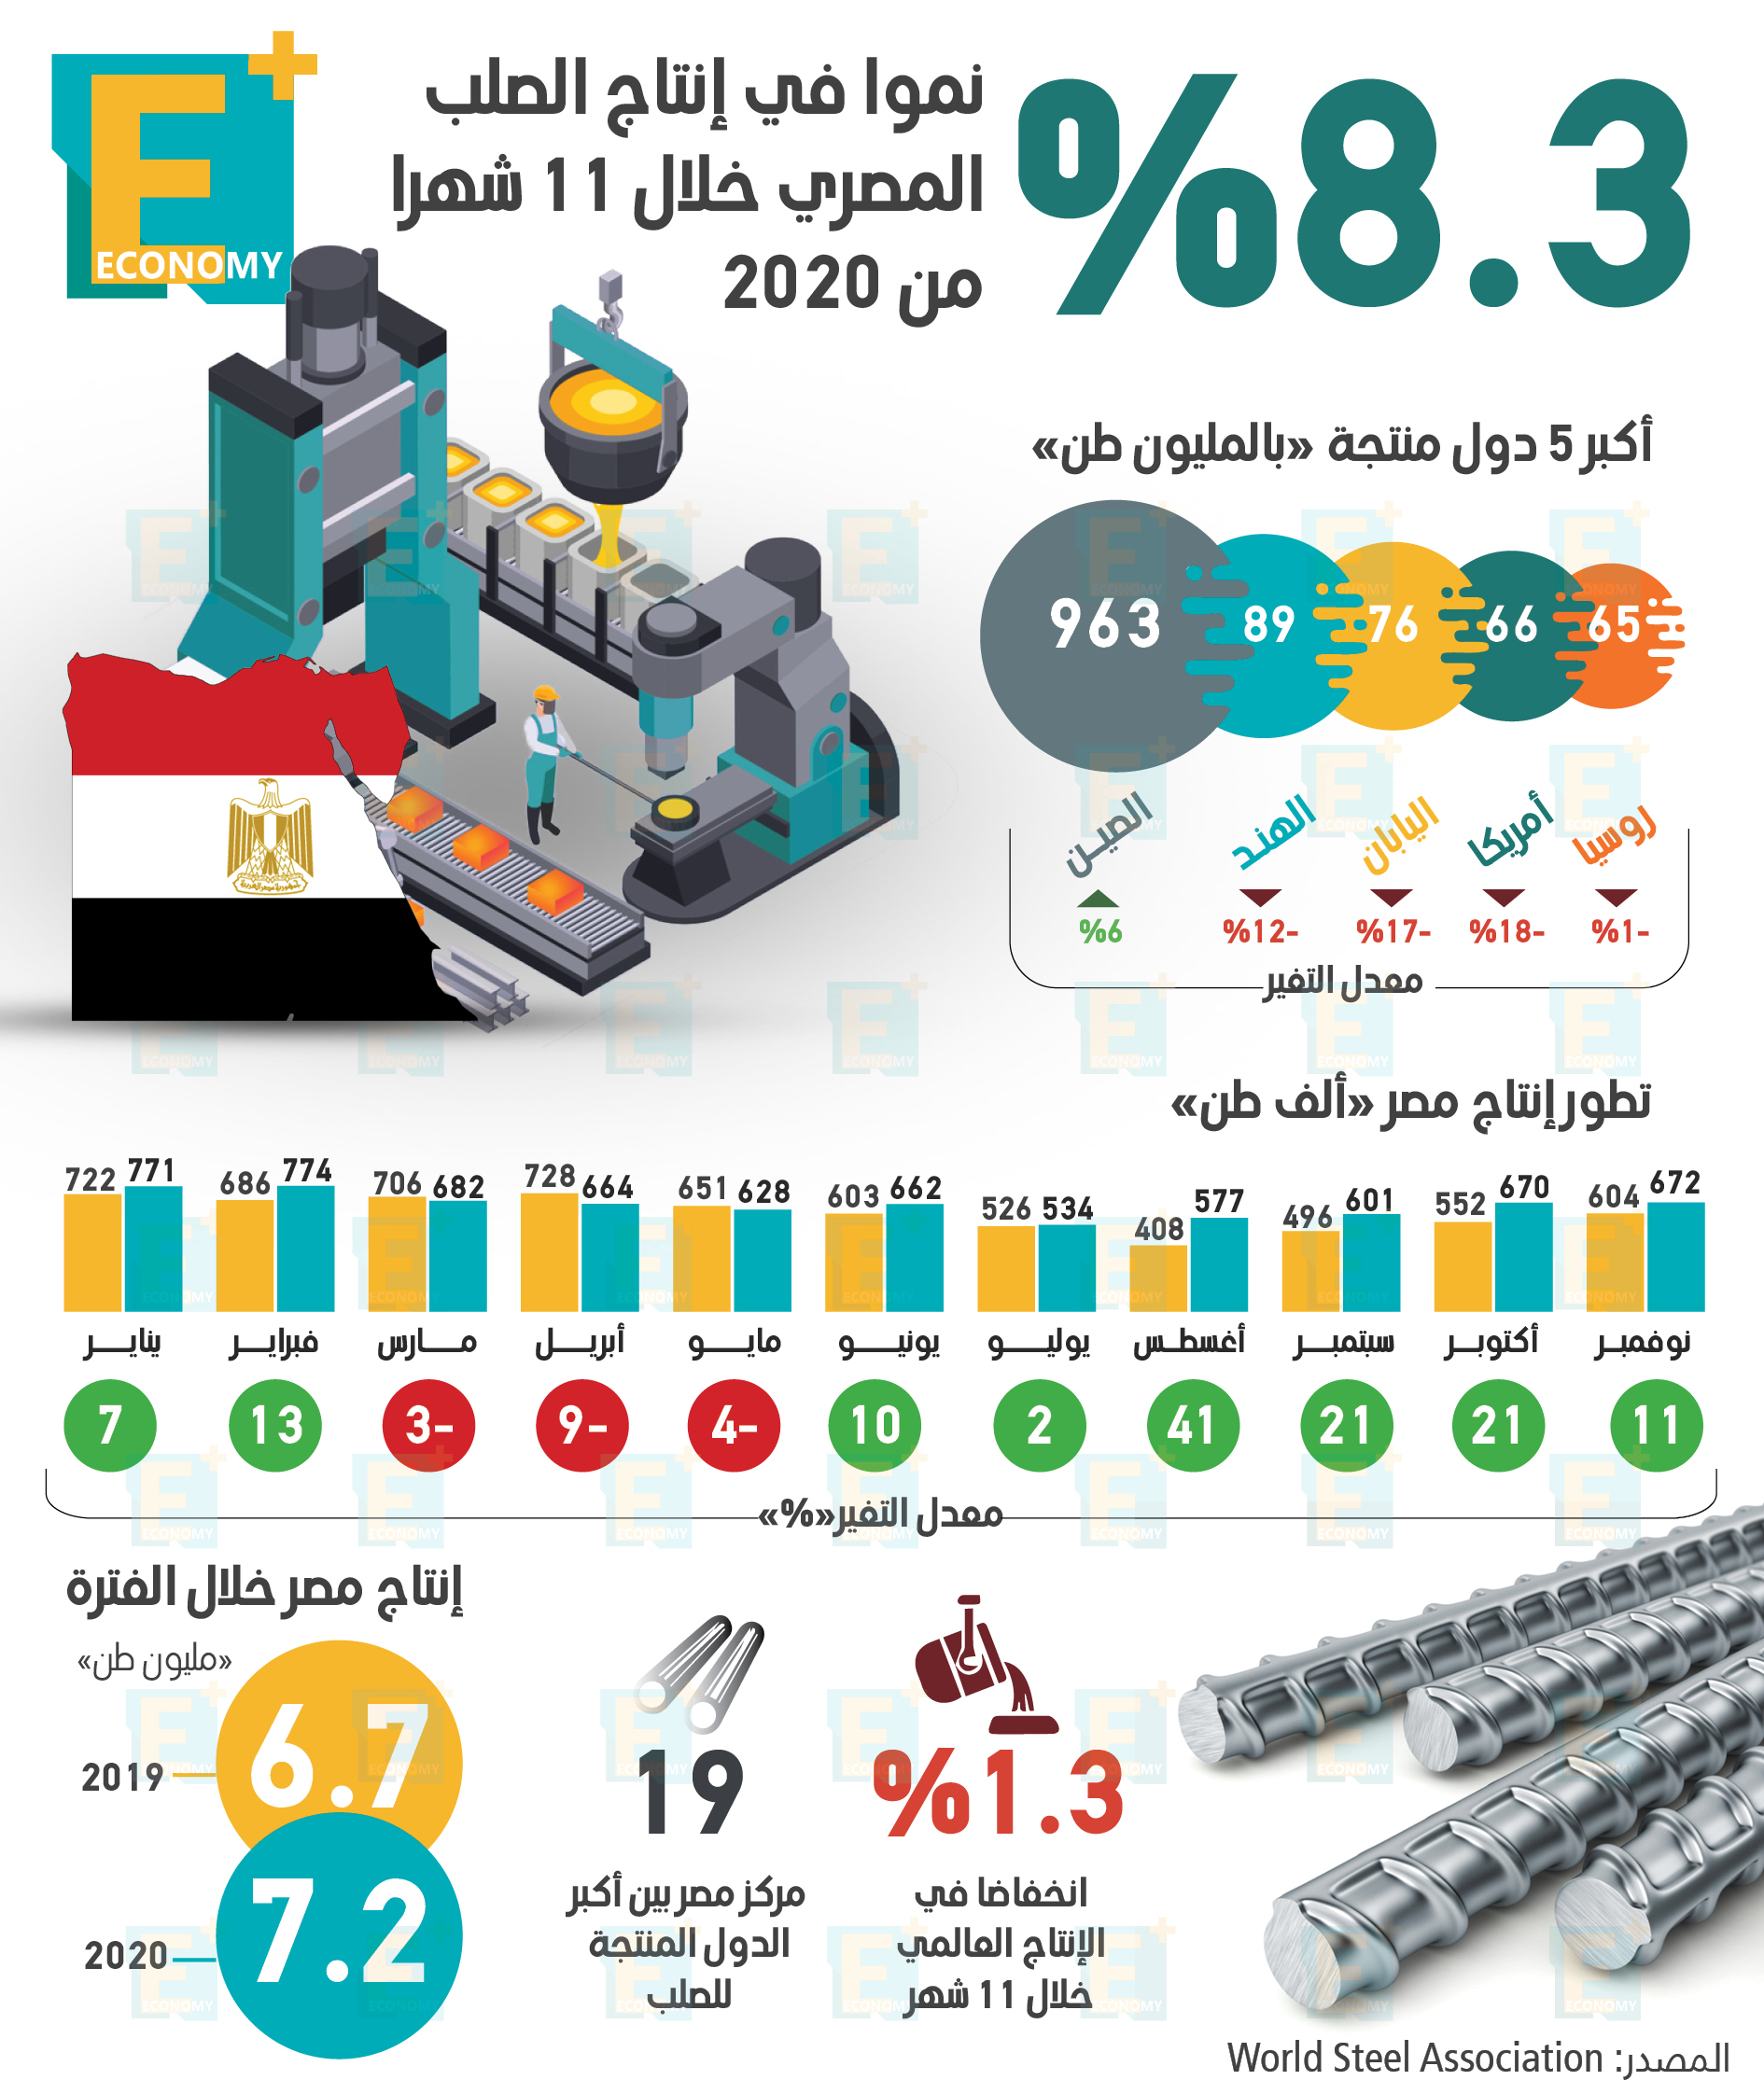 %8.3 نموا في إنتاج الصلب المصري خلال 11 شهرا من 2020